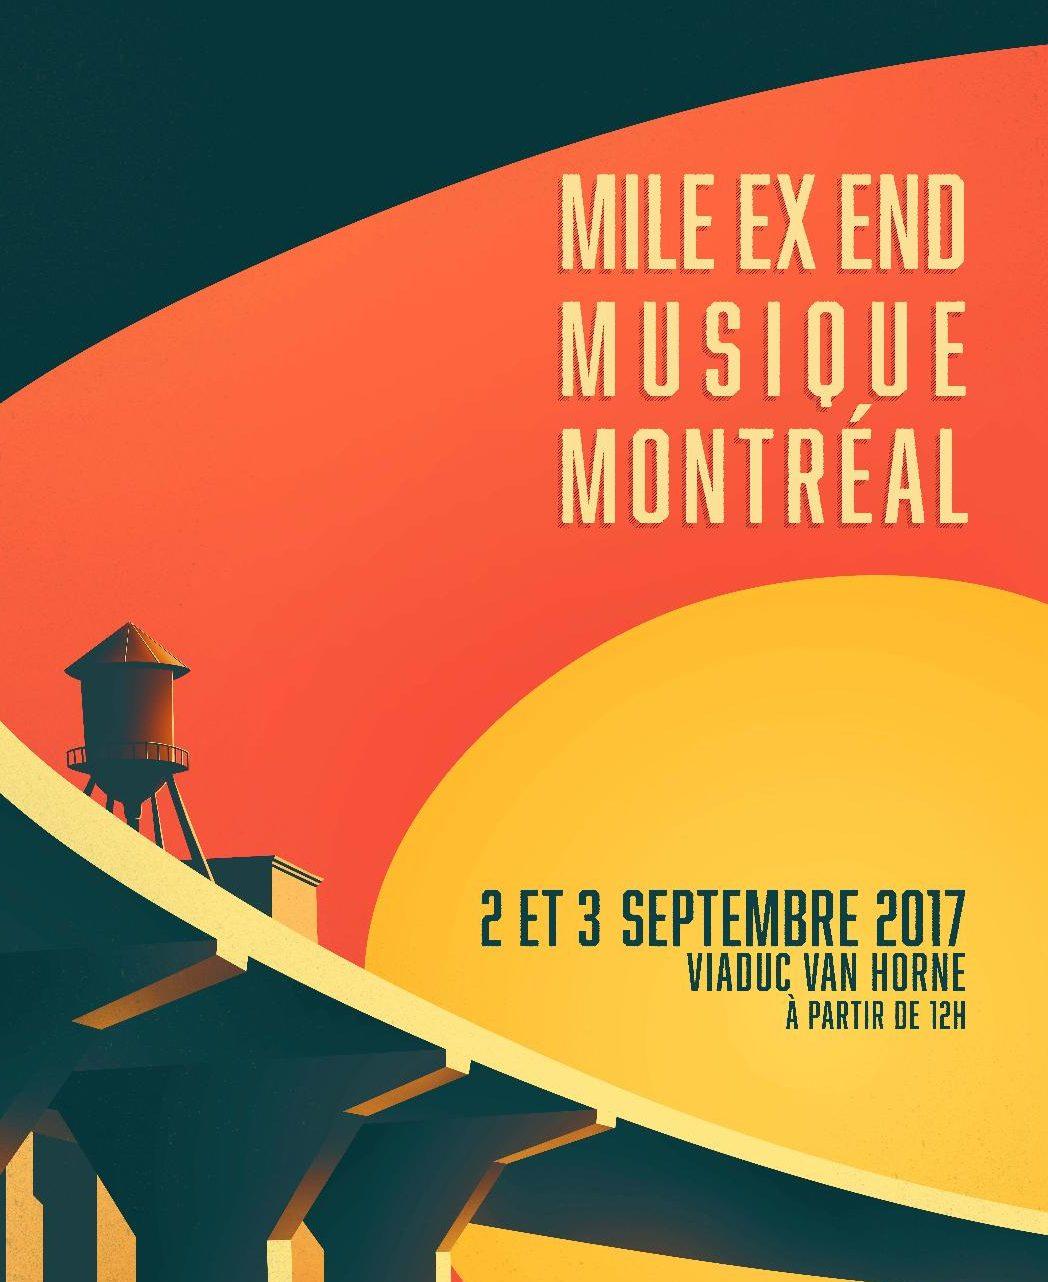 Festival musique, Mile-End